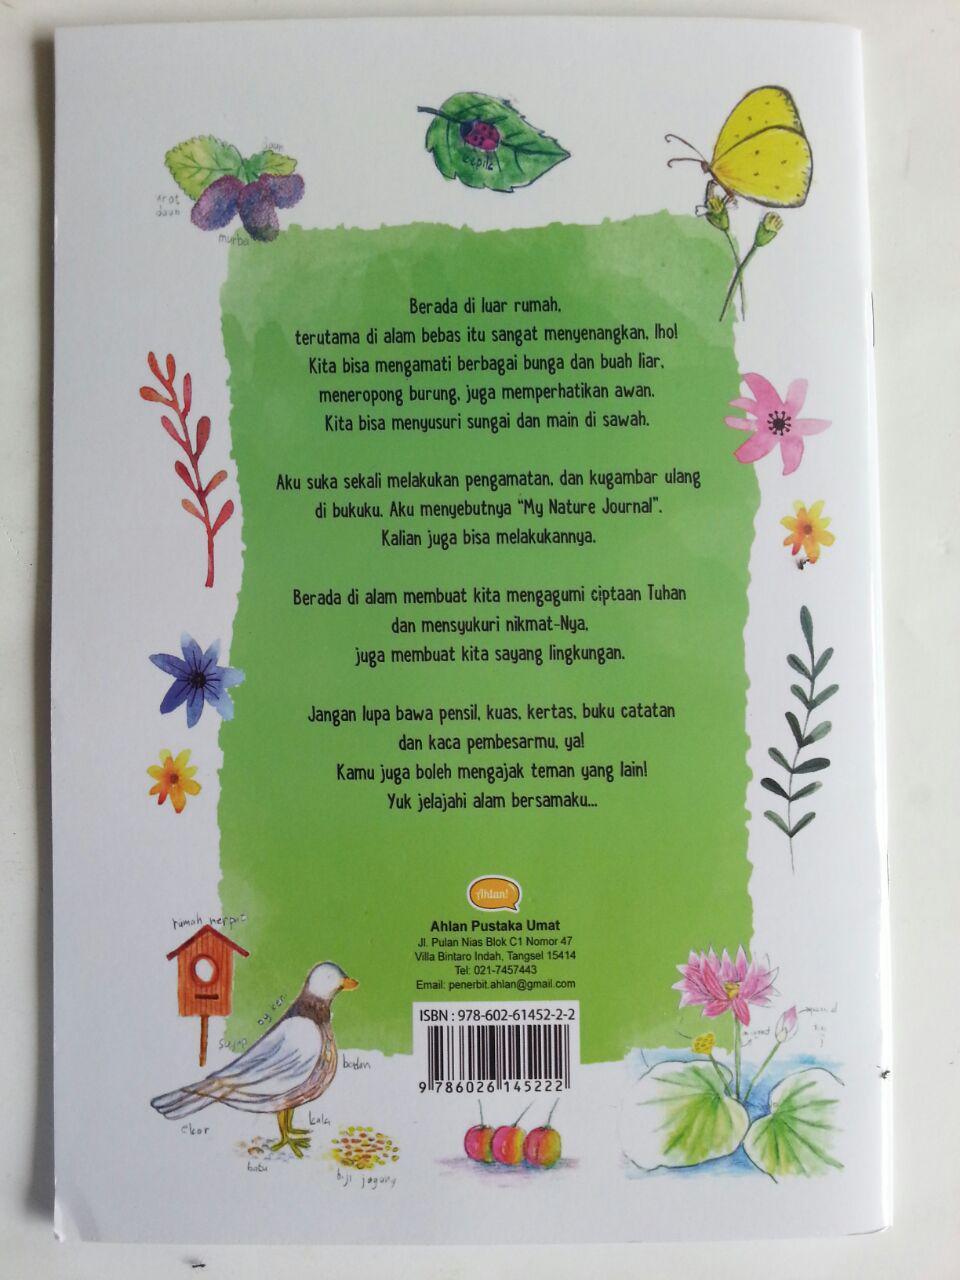 Buku Anak My Nature Journal Pengamatan Dan Gambar Ulang Di Bukuku cover